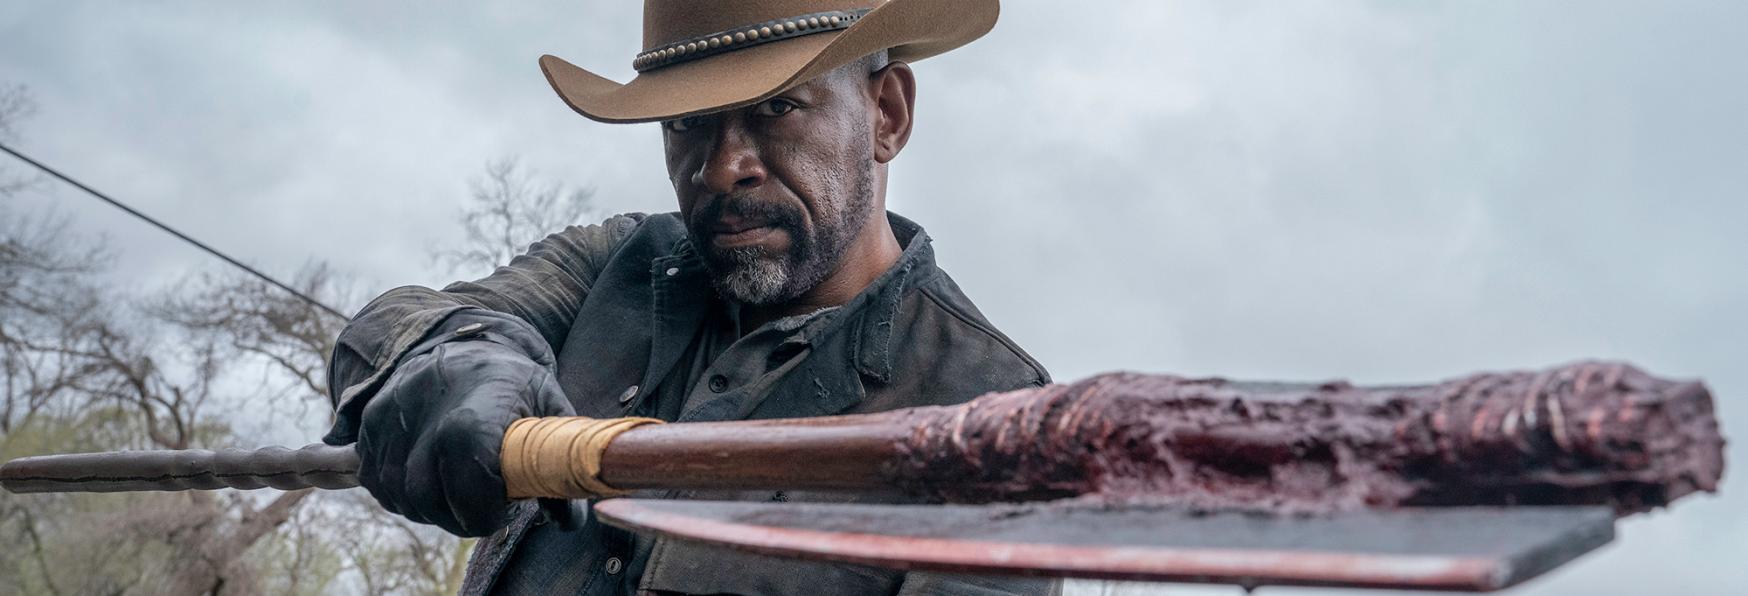 Fear the Walking Dead 7: alcune Anticipazioni della nuova Stagione